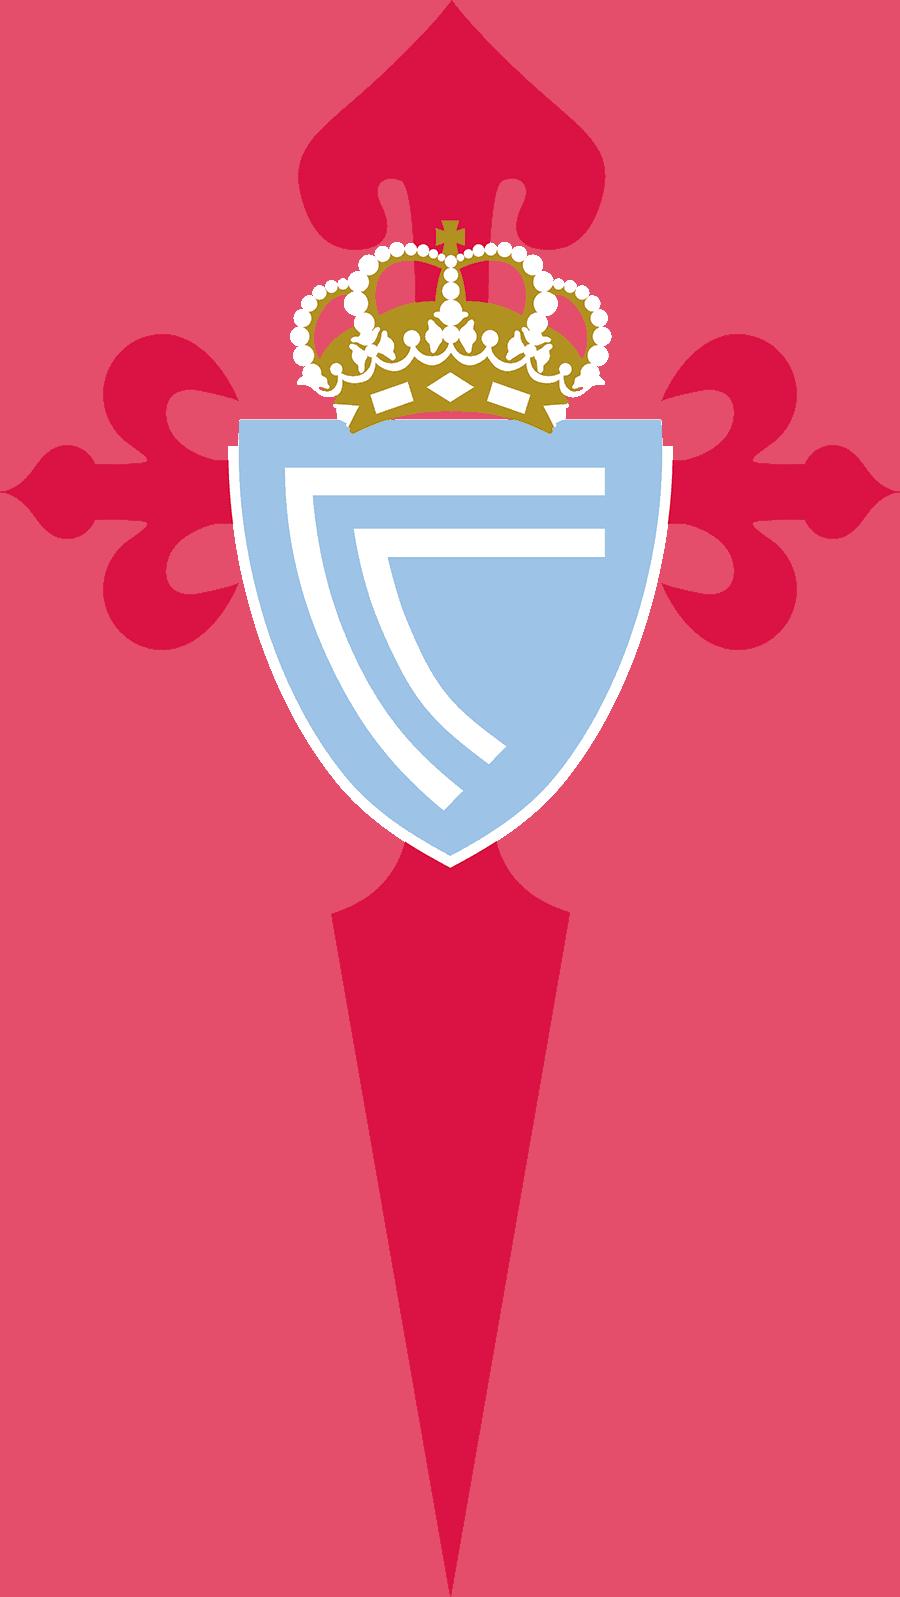 Logo clb Celta-de-Vigo CF 2020